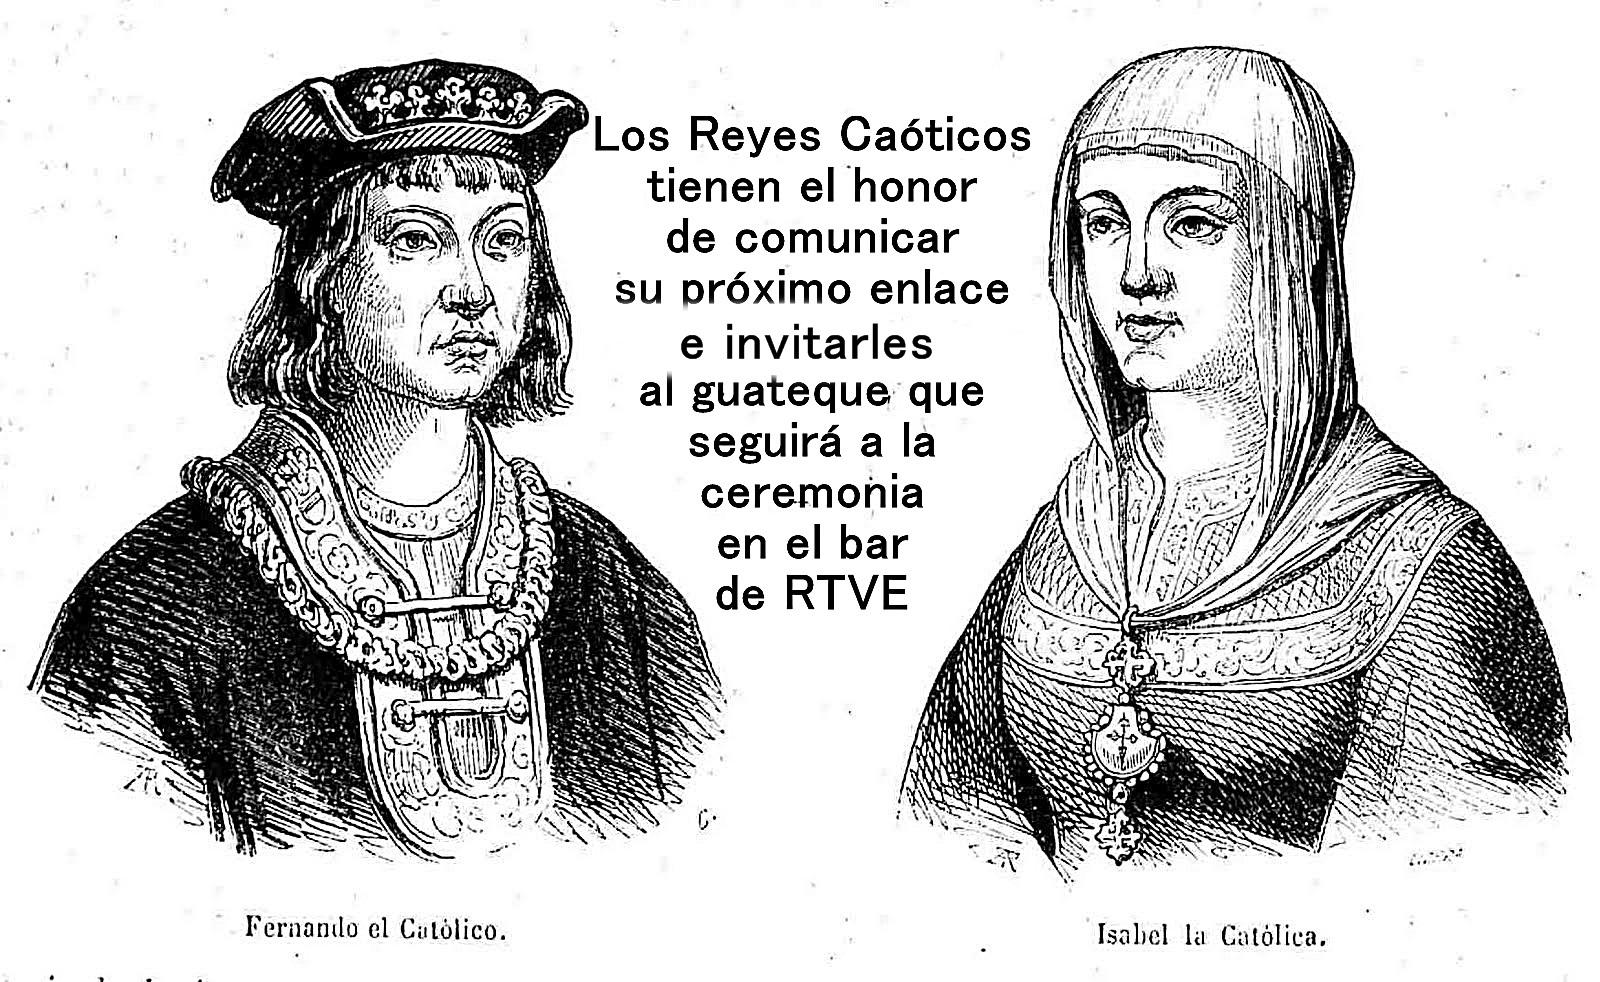 Isabel La Caotica O El Riguroso Desmadre Historico De Rtve Por Isidro Lopez Miera Re Evolucion